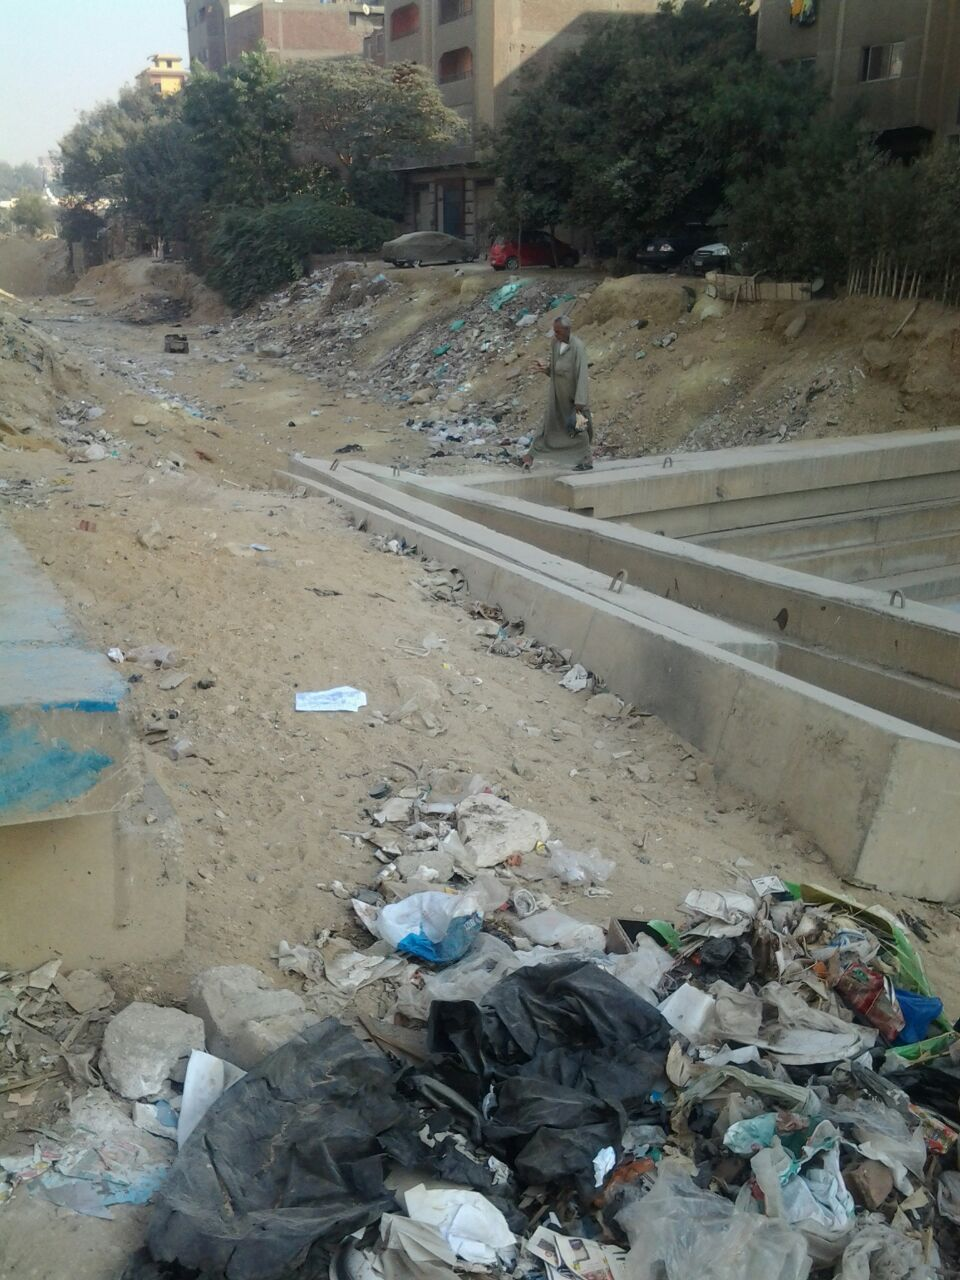 معاناة مستمرة لسكان شارع حيوي بزهراء المعادي بعد تكسيره واقتلاع أشجاره